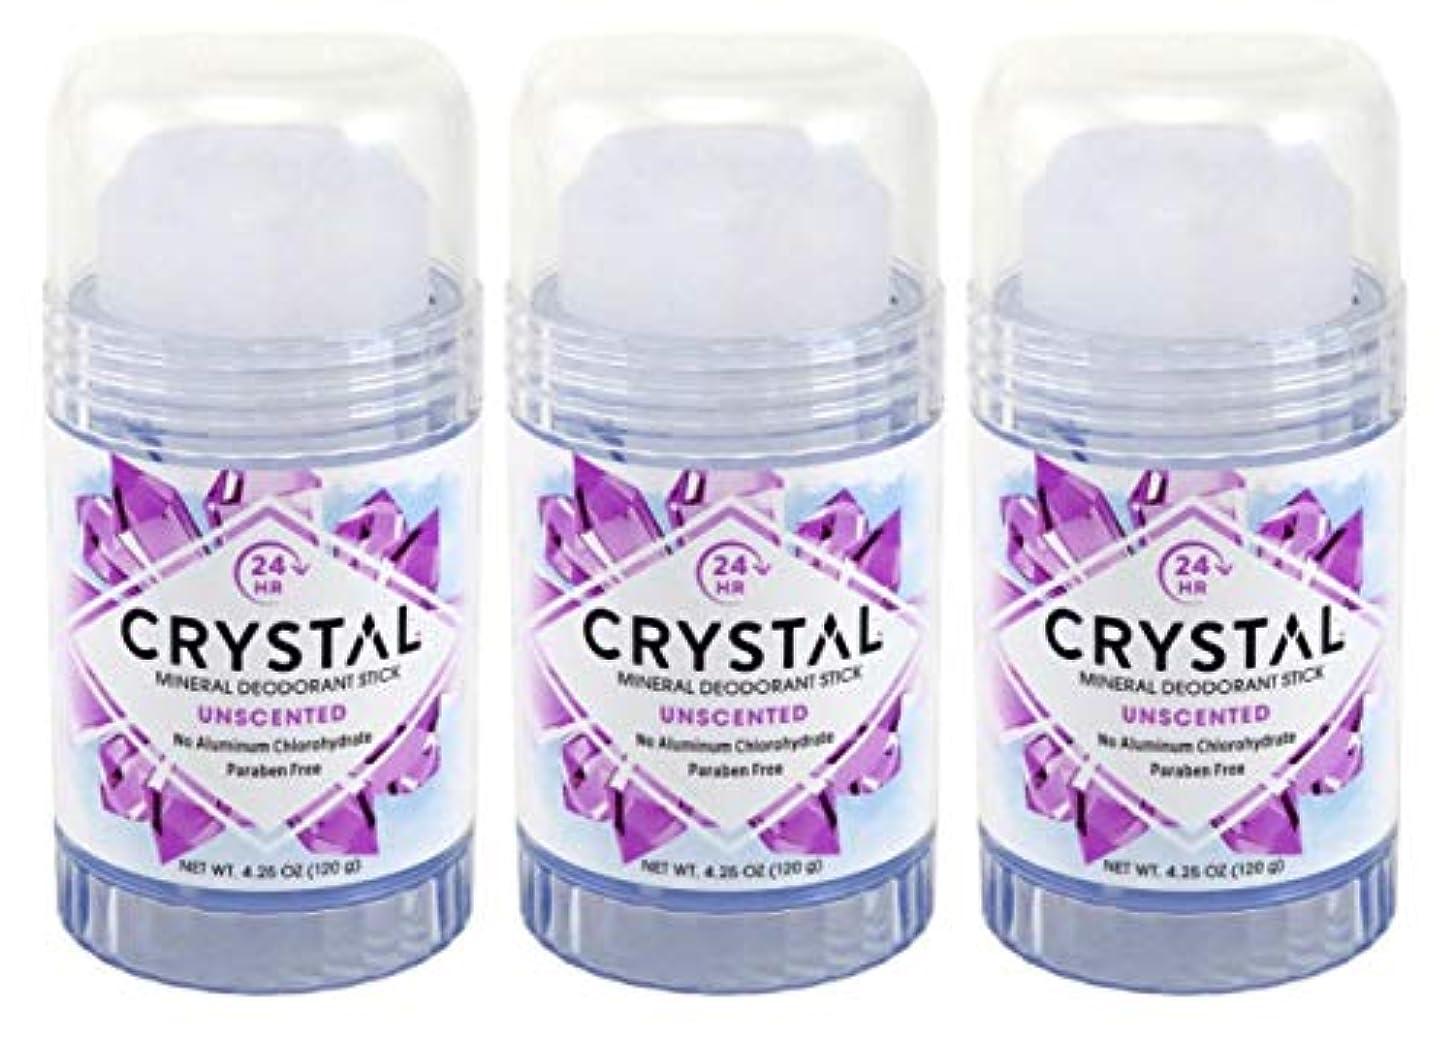 シャット食料品店特殊CRYSTAL Deodorant スティック4.25Oz(3パック)